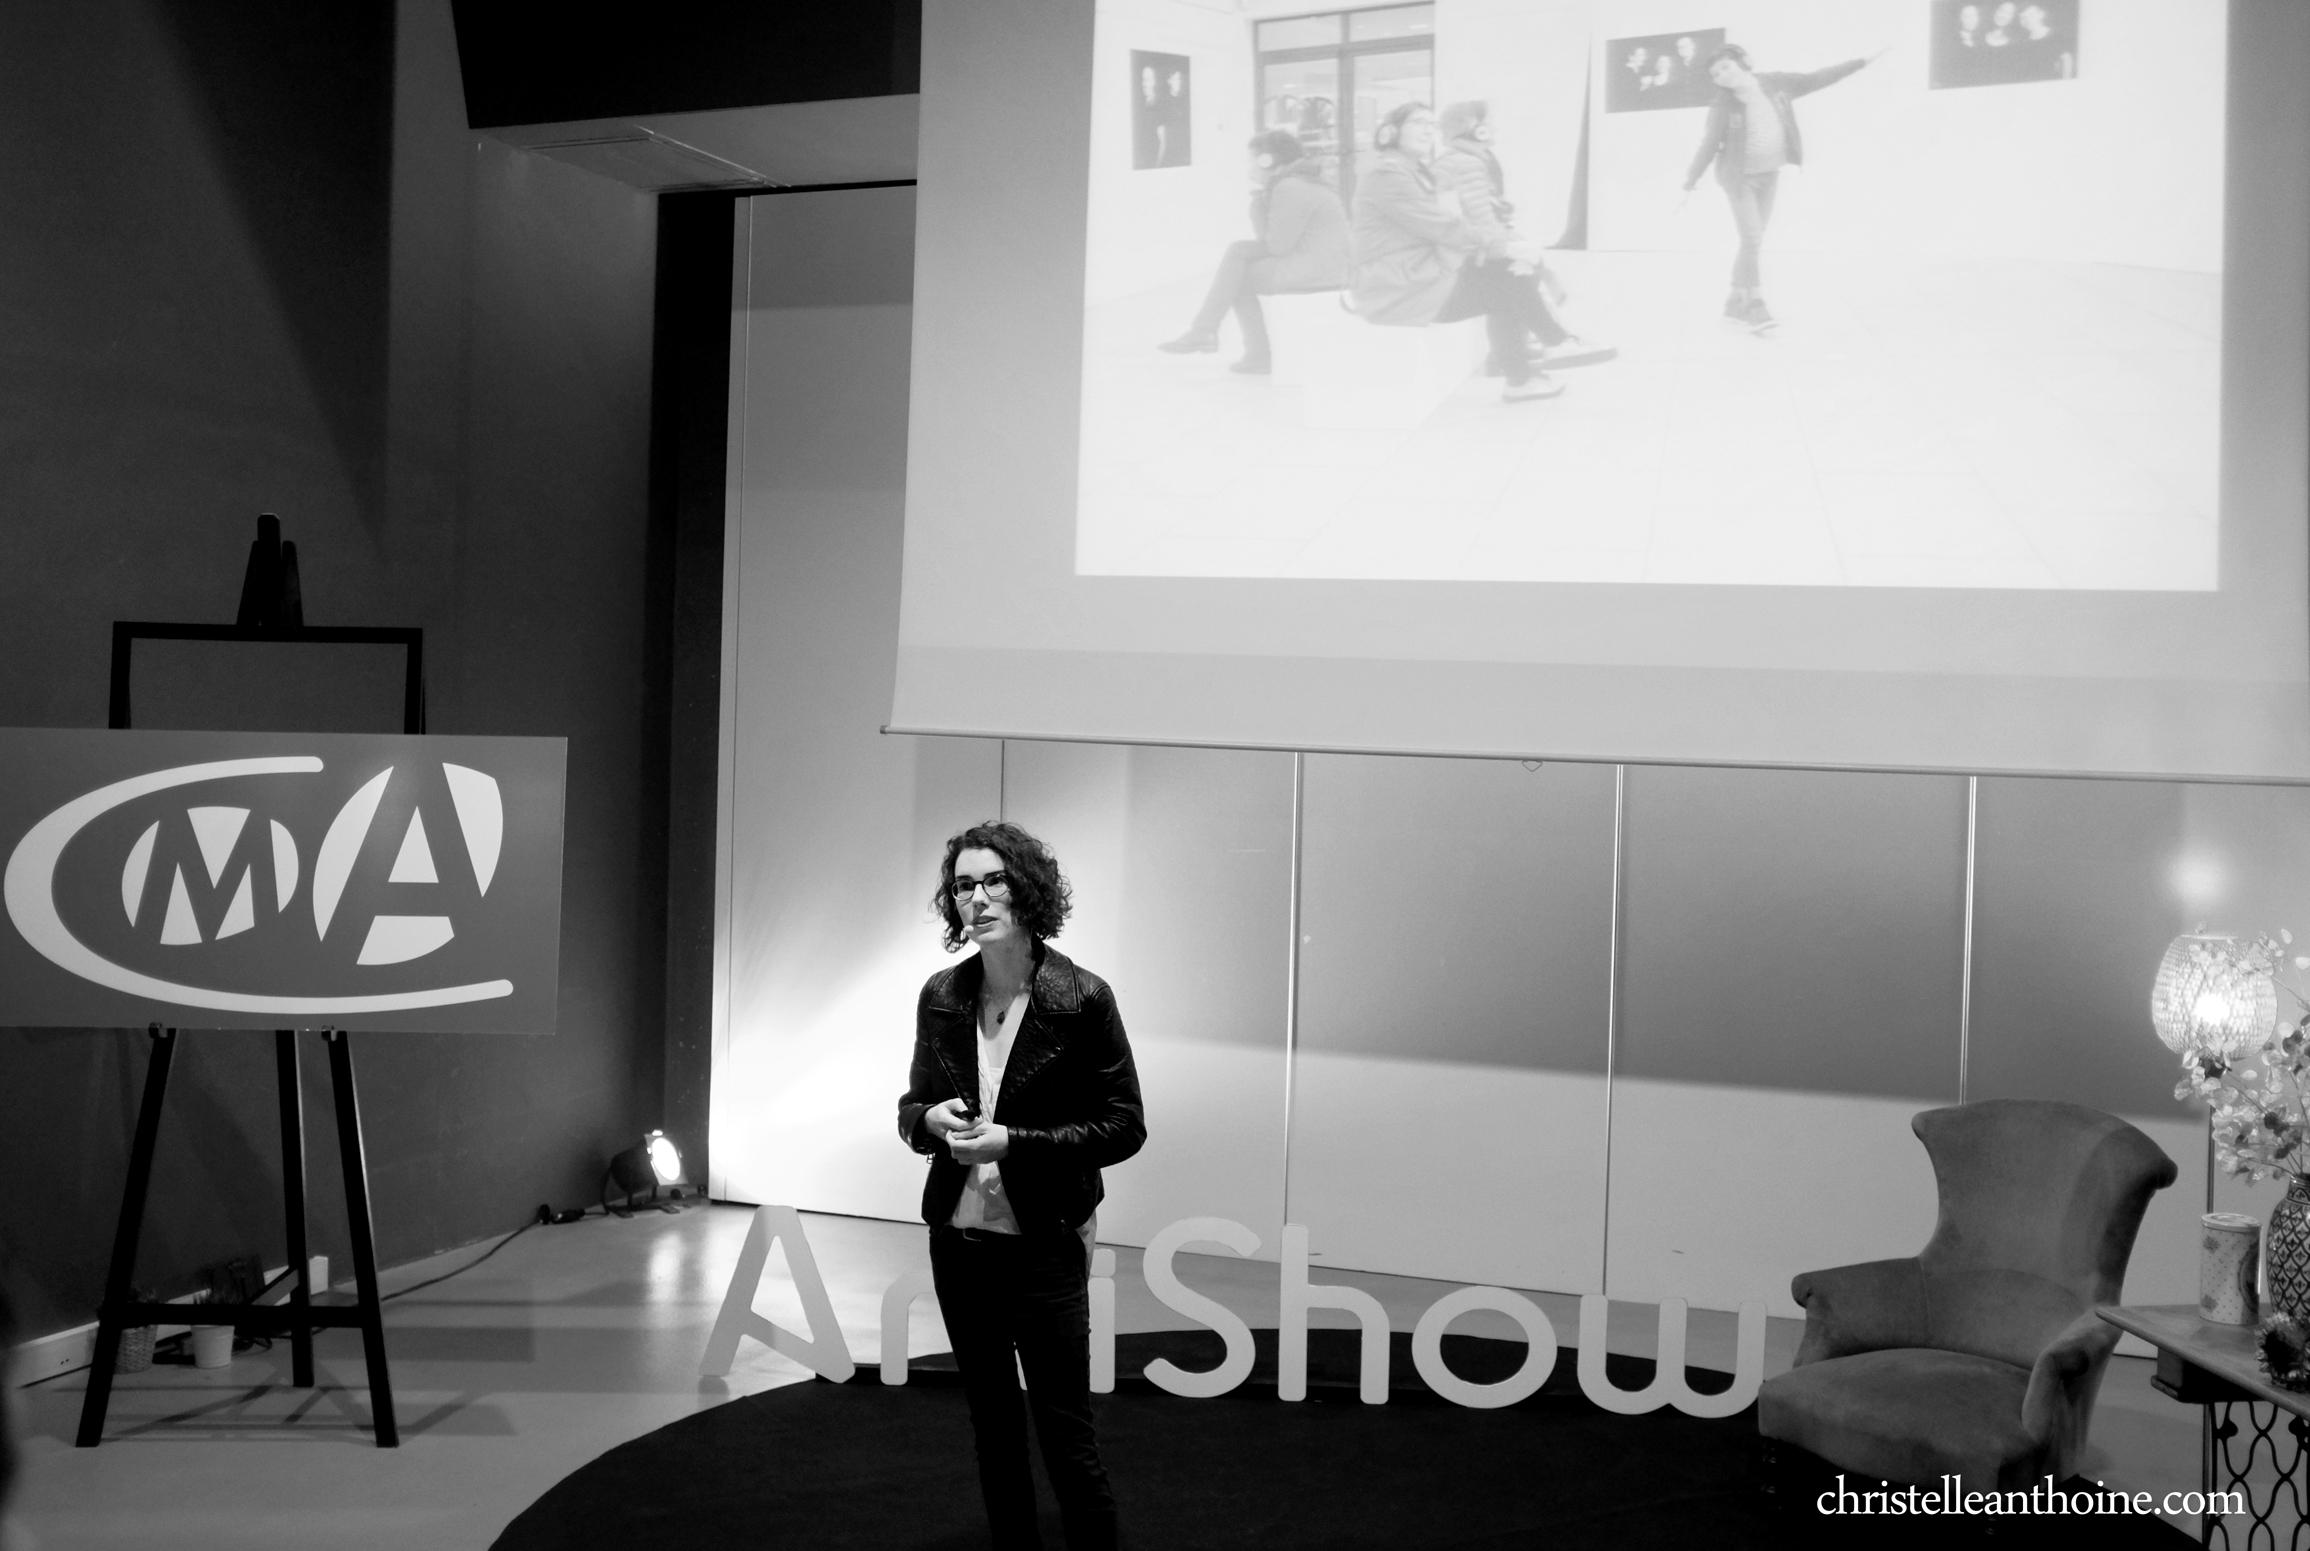 Christelle Anthoine photographe entreprise Saint Brieuc Chambre de Métiers et de l'Artisanat Ploufragan Artishow